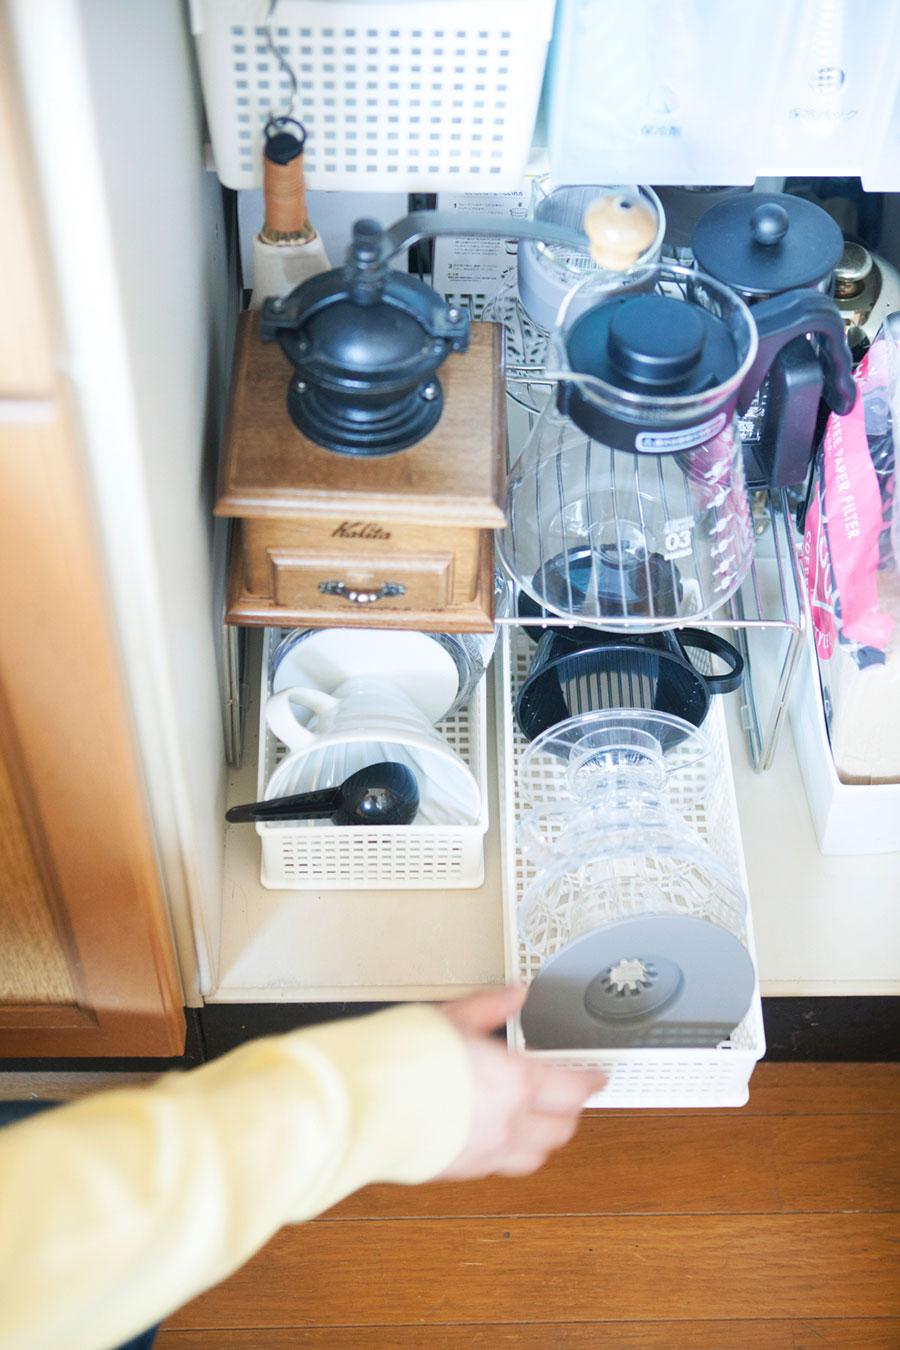 コーヒー好きな夫のために設けたコーナー。ラックを活用して空間利用。さらにドリッパーをカゴにまとめている。